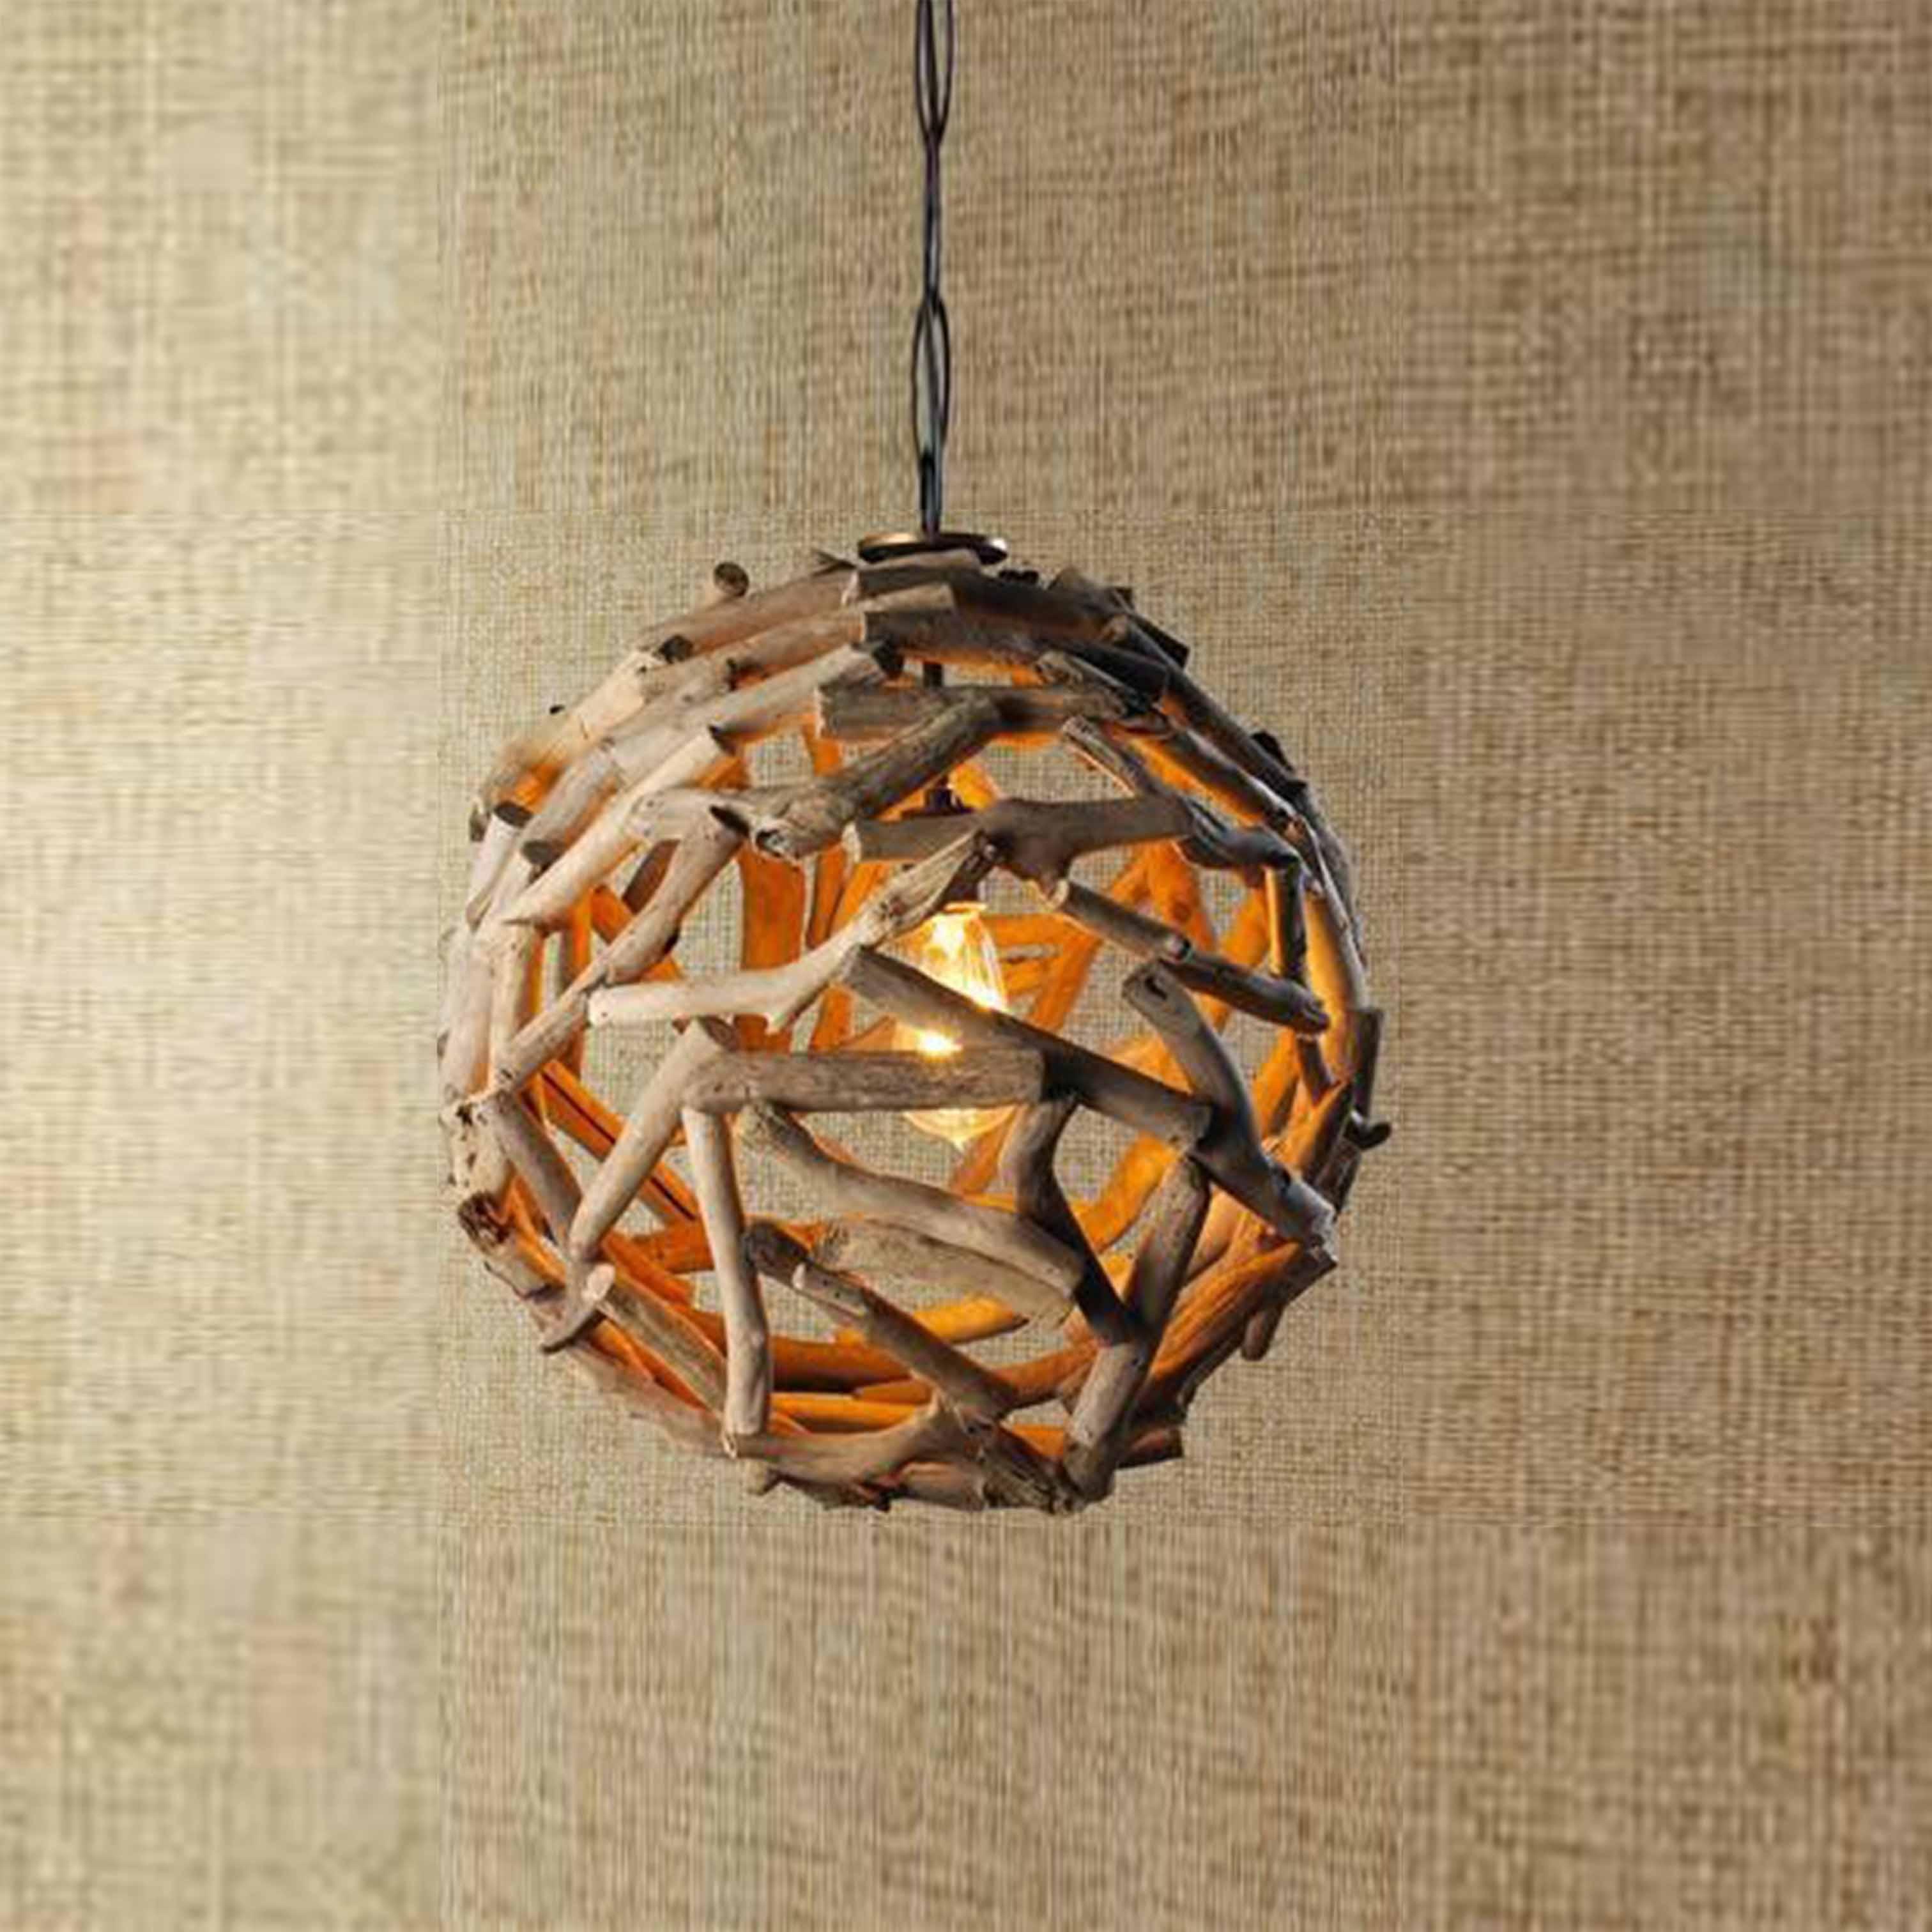 Đèn gỗ hình cầu trang trí nghệ thuật - D58LHFU